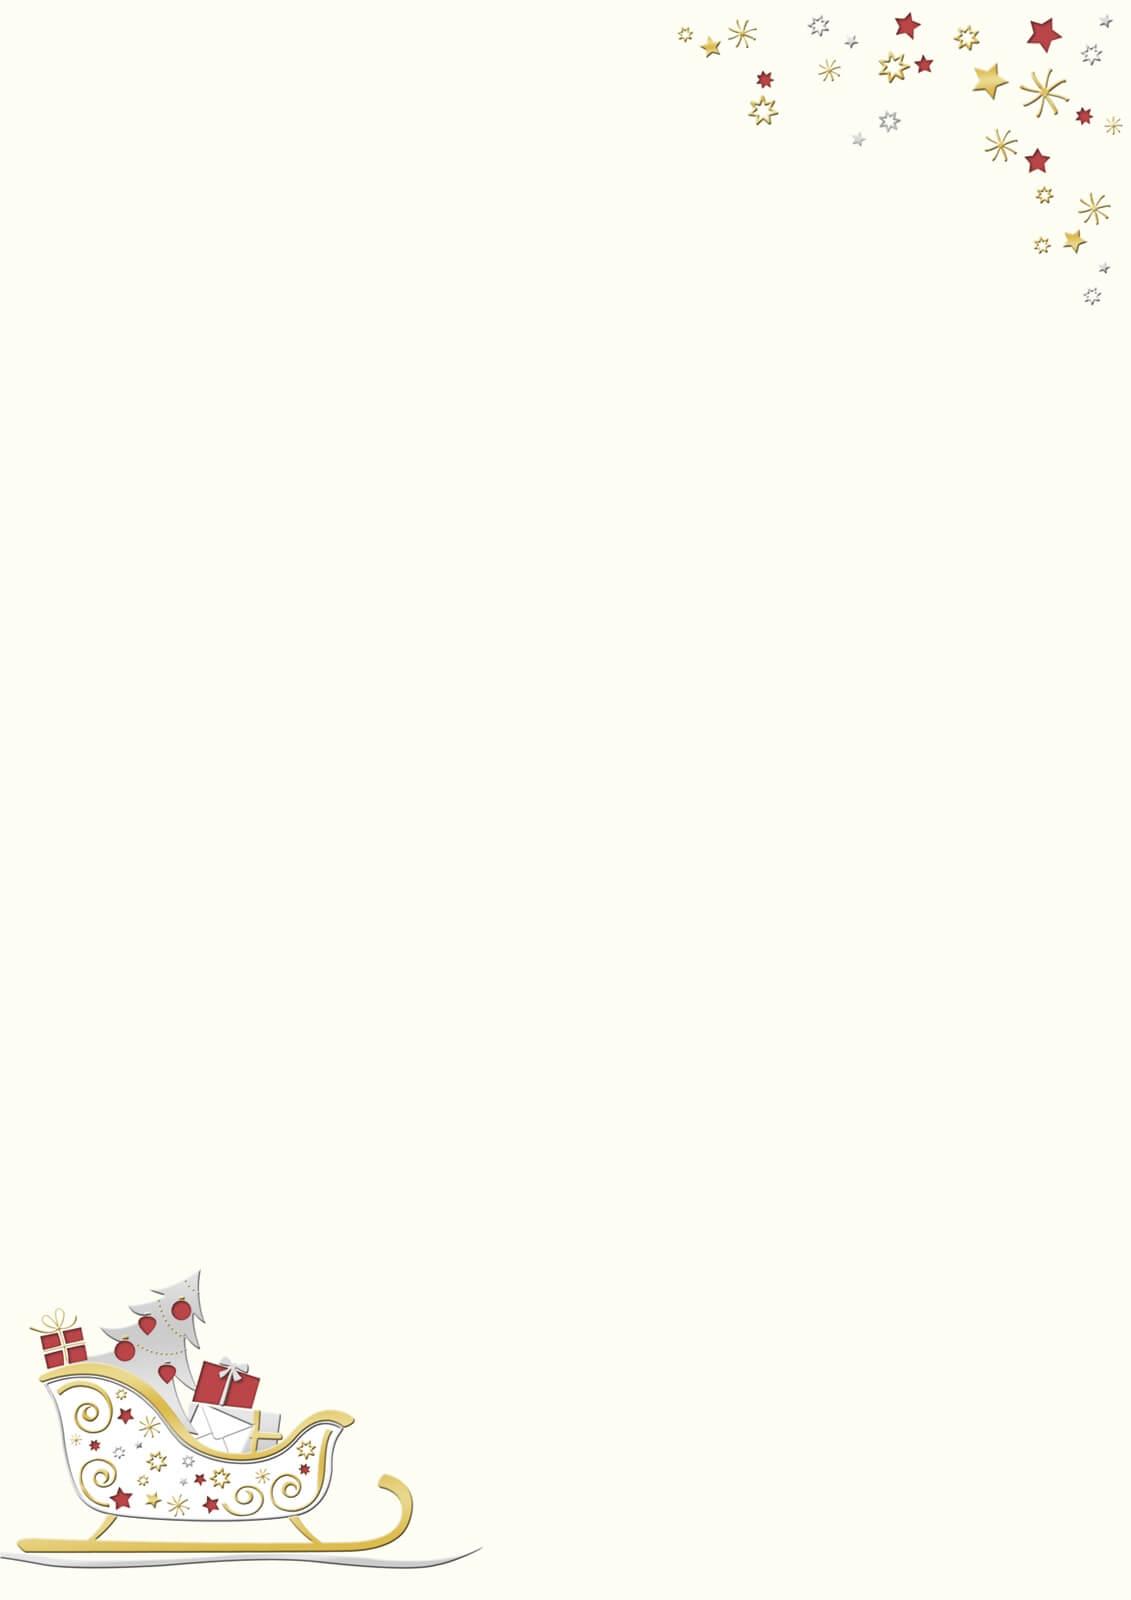 Weihnachtsbrief Exklusiv 1318213